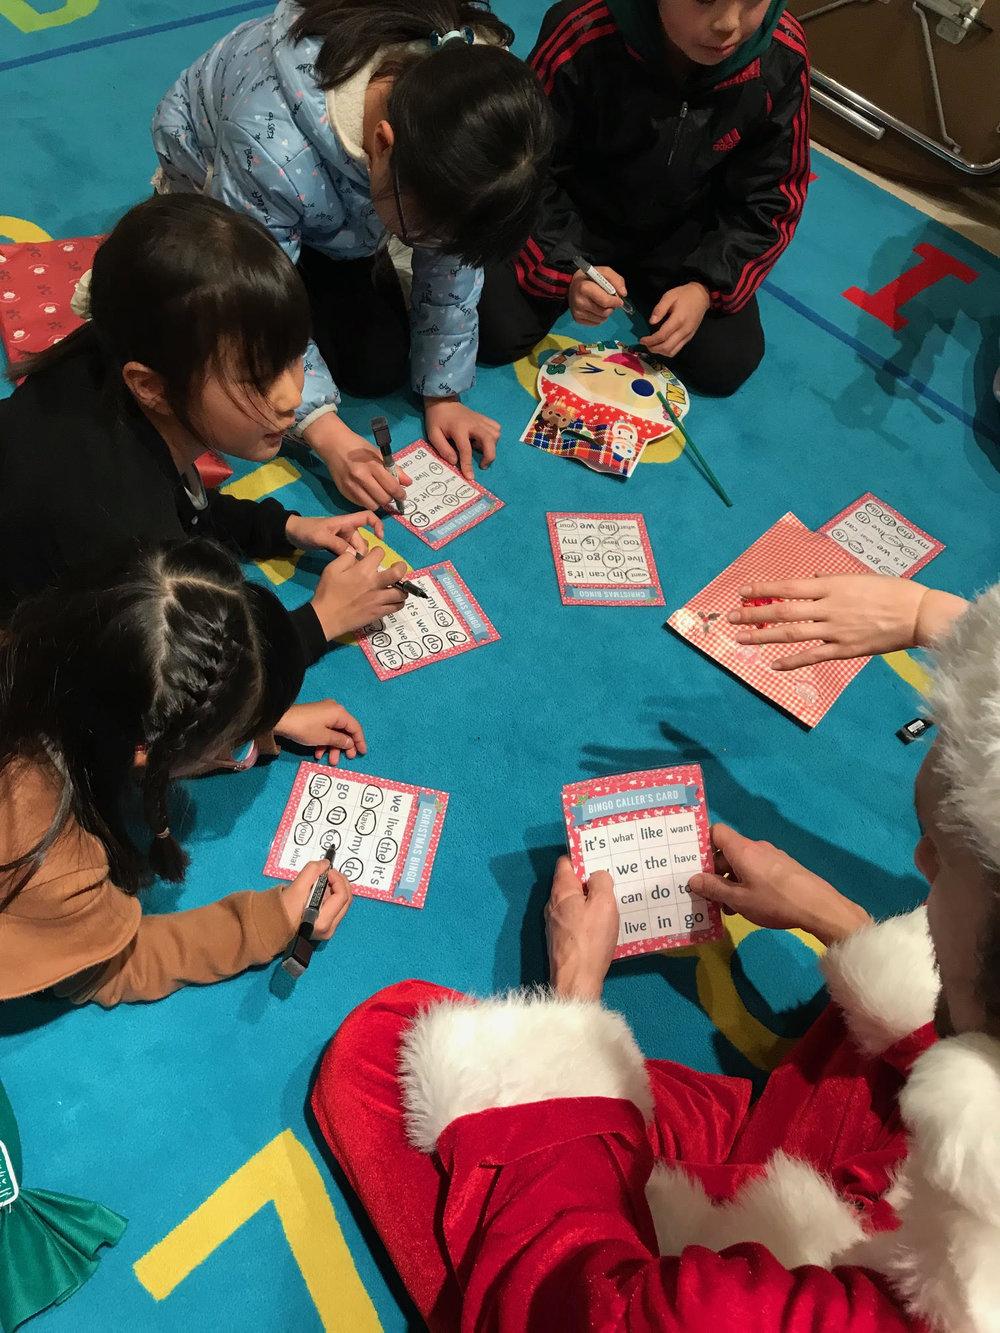 習った単語をサイトワード読みでビンゴゲーム! みんなビンゴを目指して必死に読んでいます!